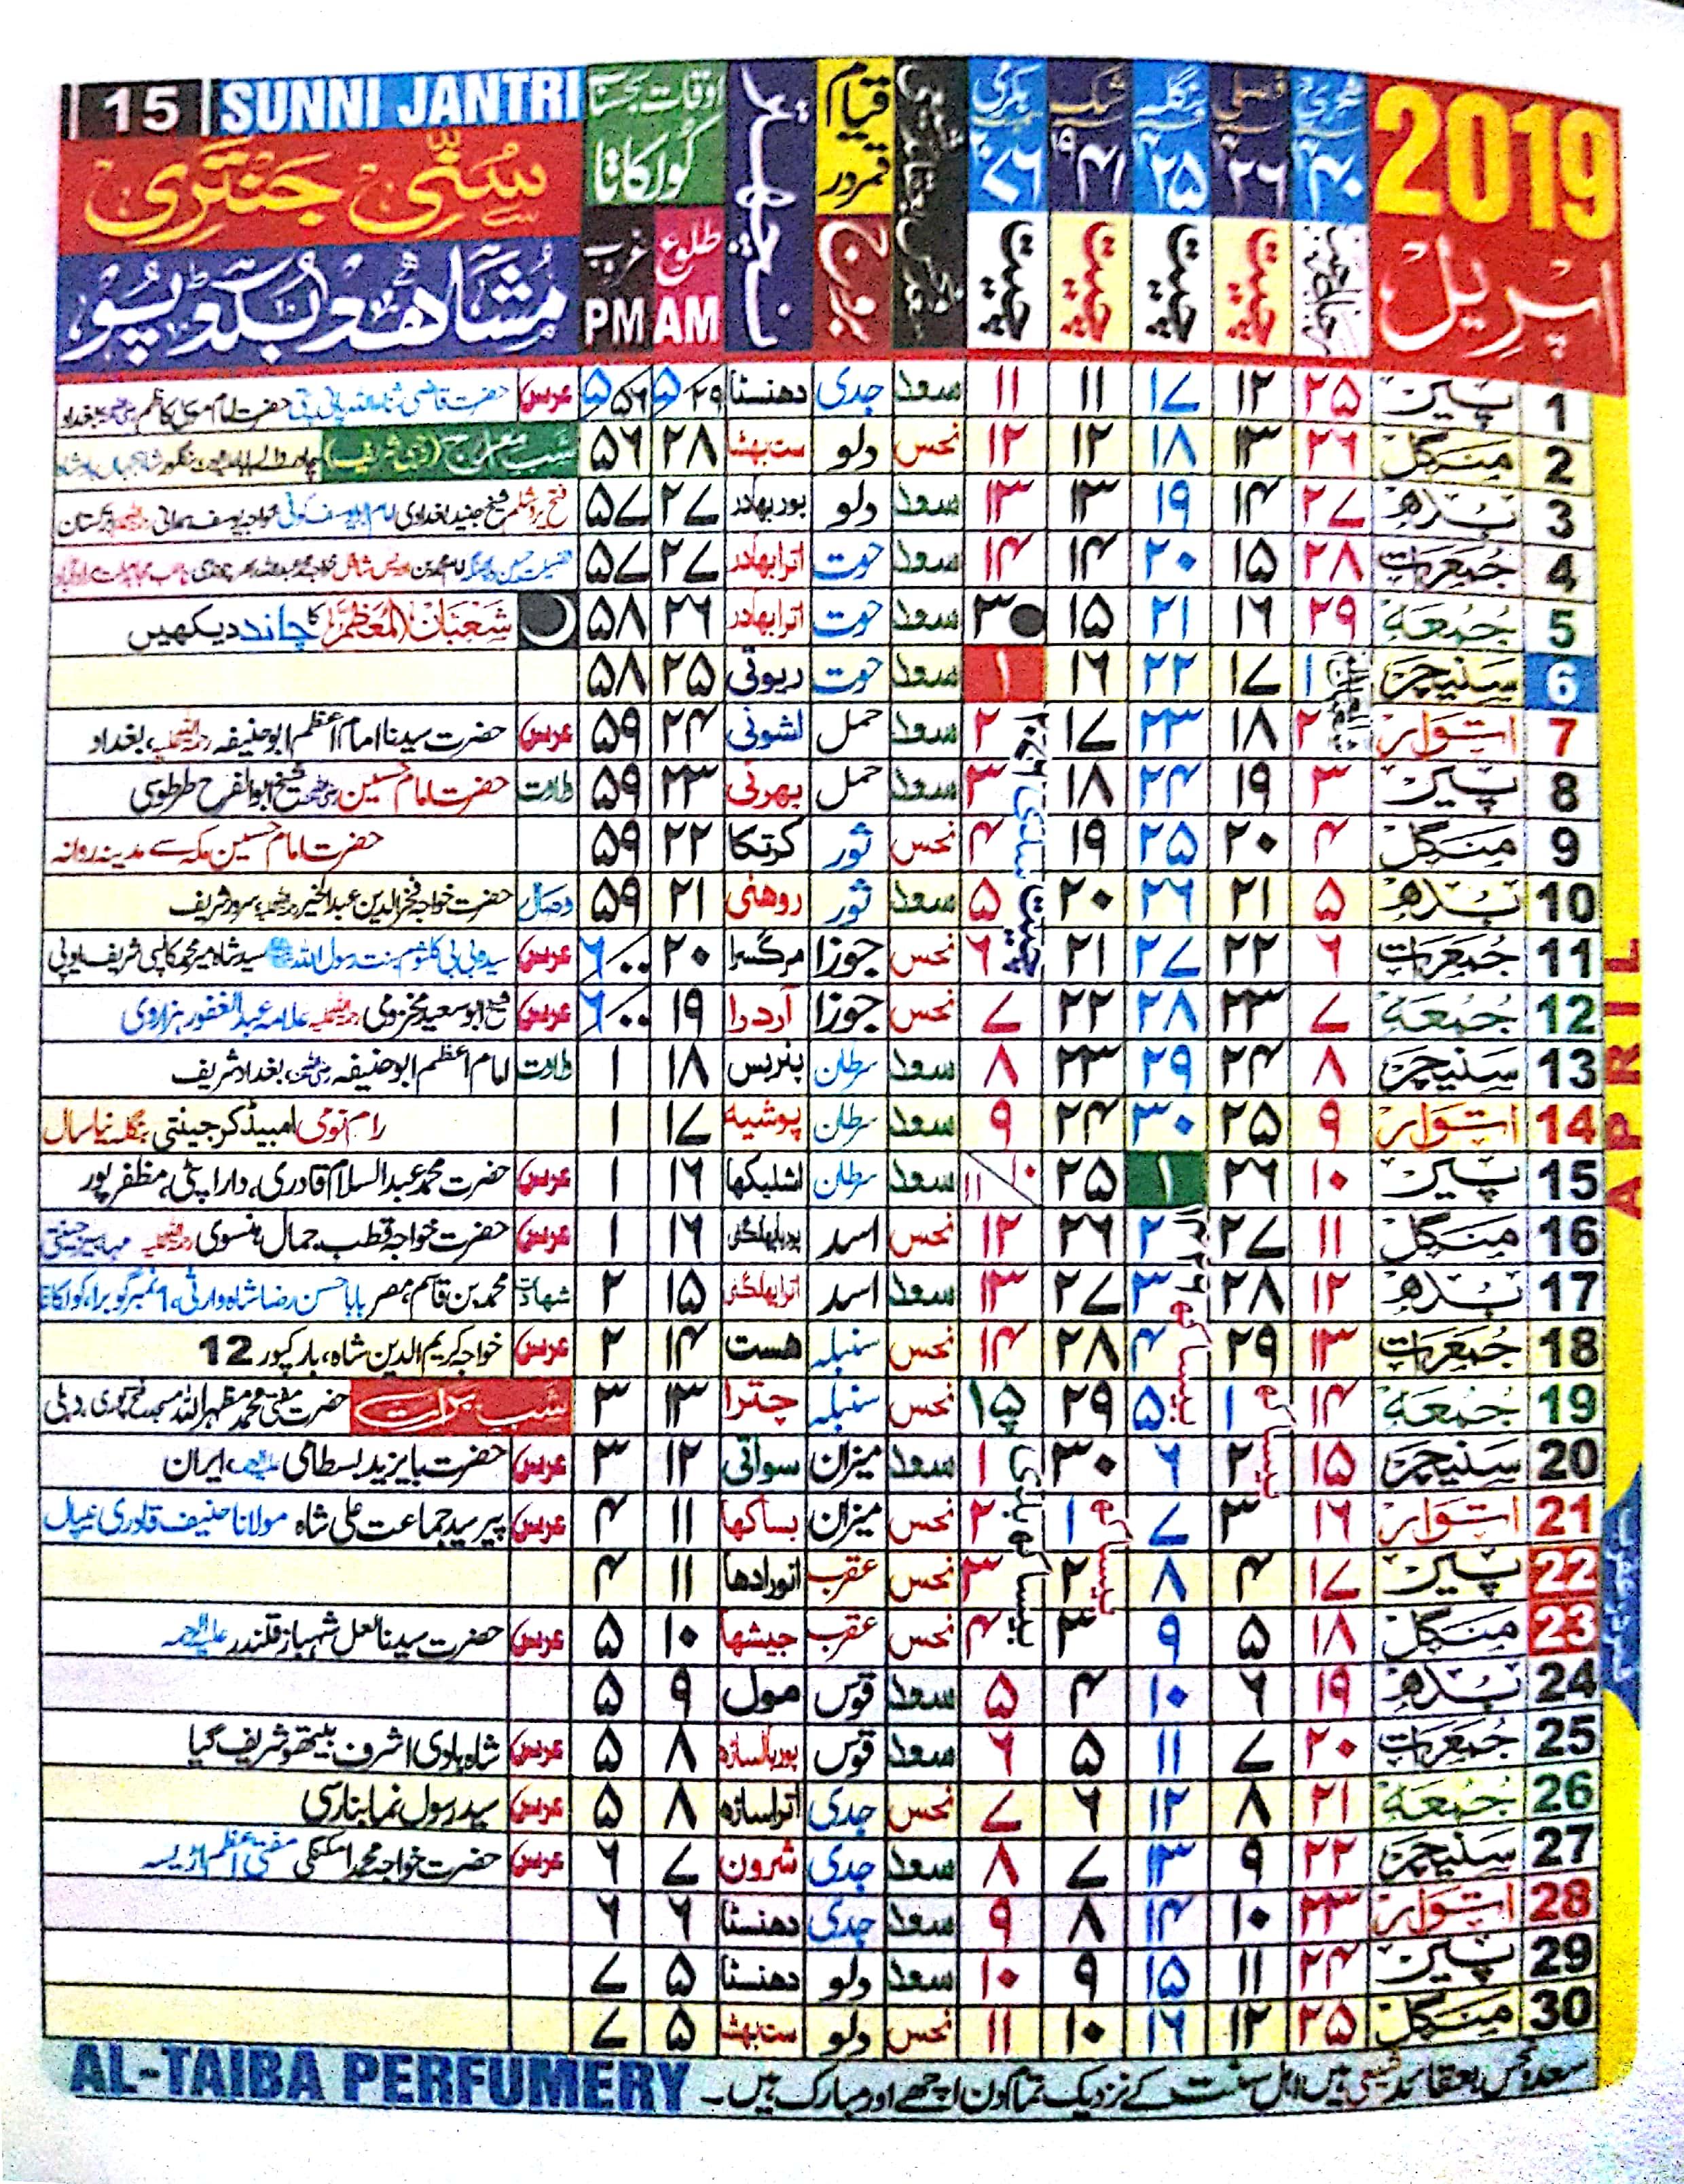 Sunni Jantri 2018-19 ( Free-Shipping )